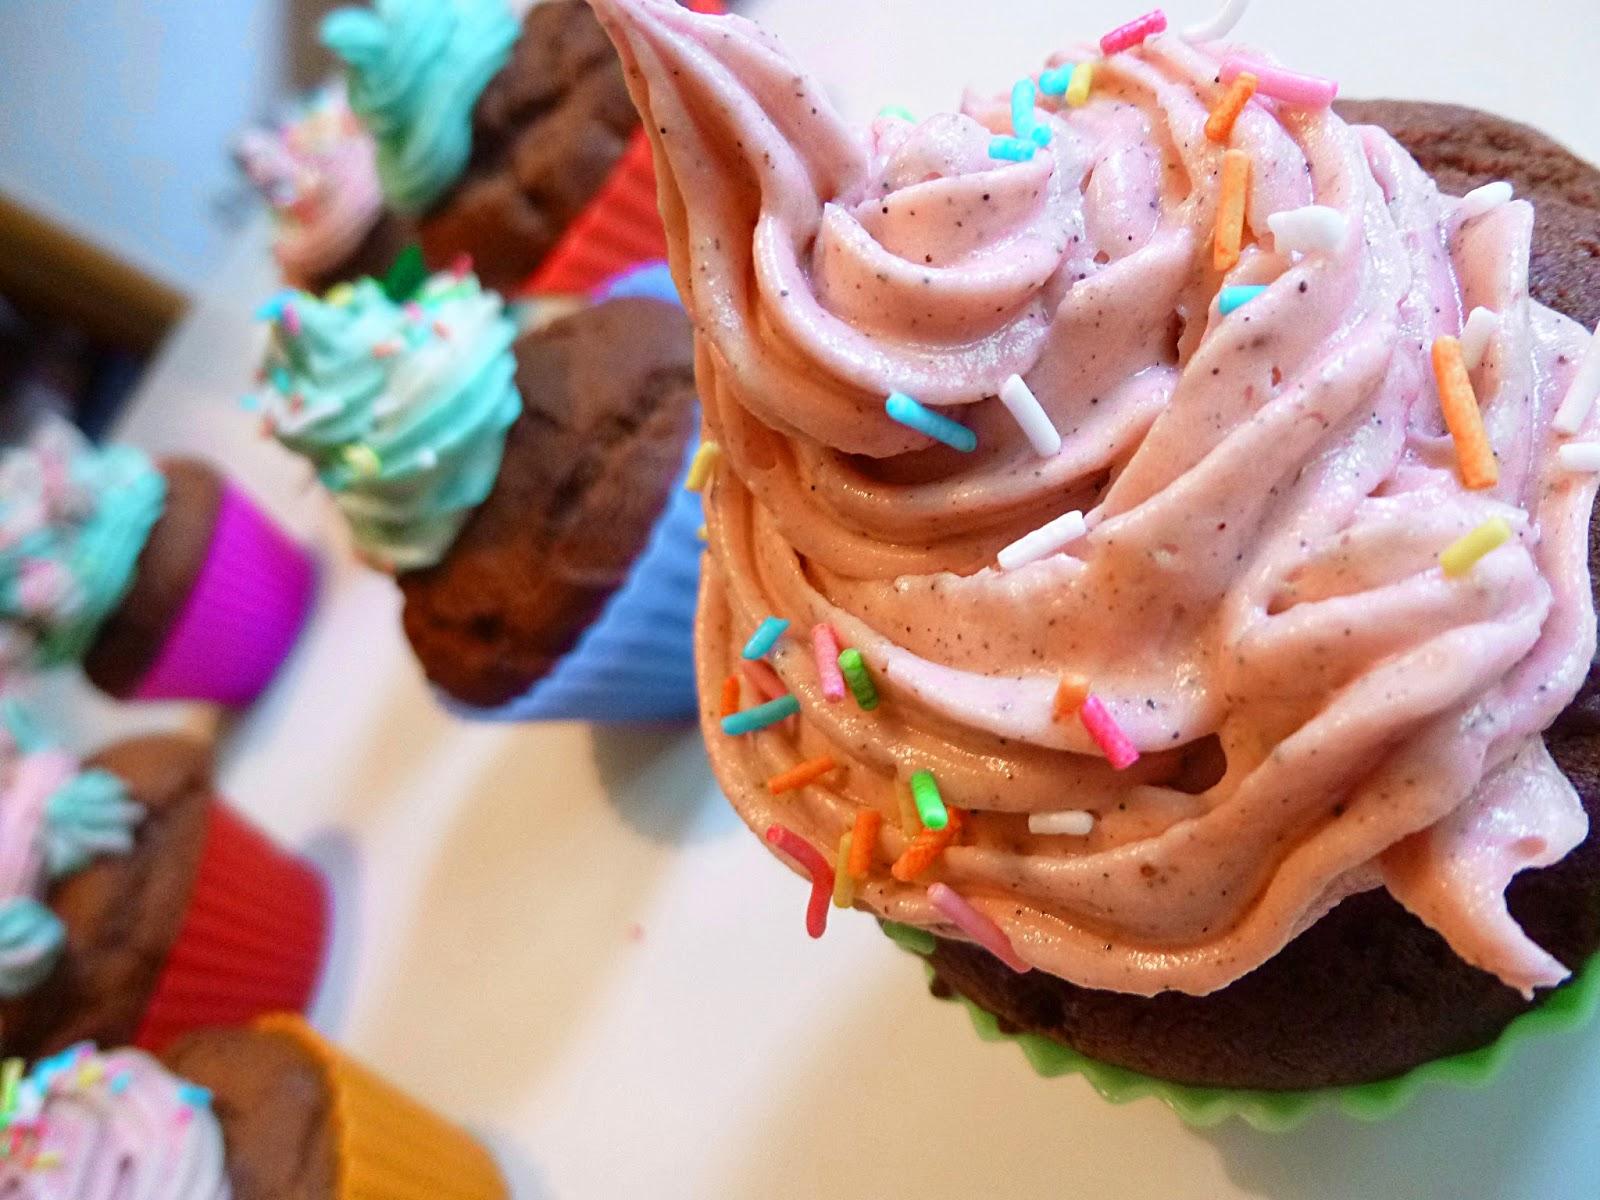 http://frlflauschmiez.blogspot.de/2014/06/vegan-bake-sale.html